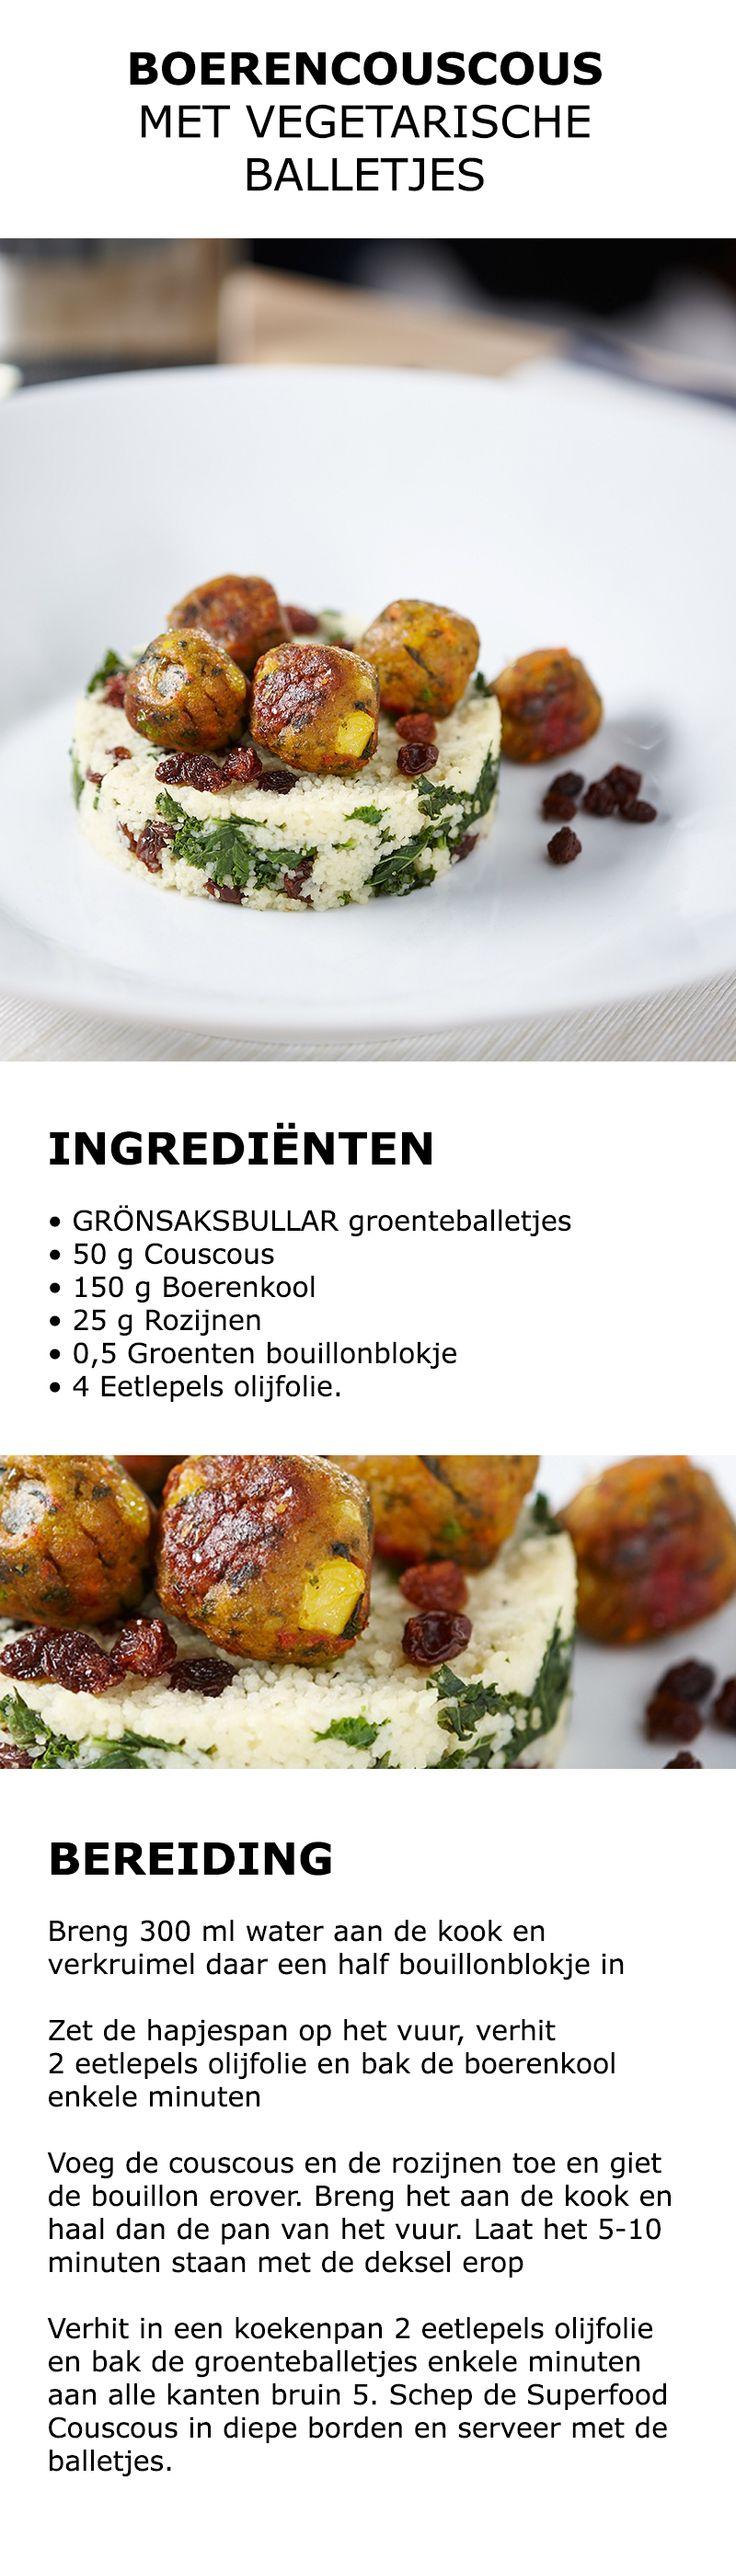 Inspiratie voor in de keuken - Boerencouscous met vegetarische balletjes | #IKEA #IKEAnl #koken #gerecht #recept #couscous #boerenkool #vega